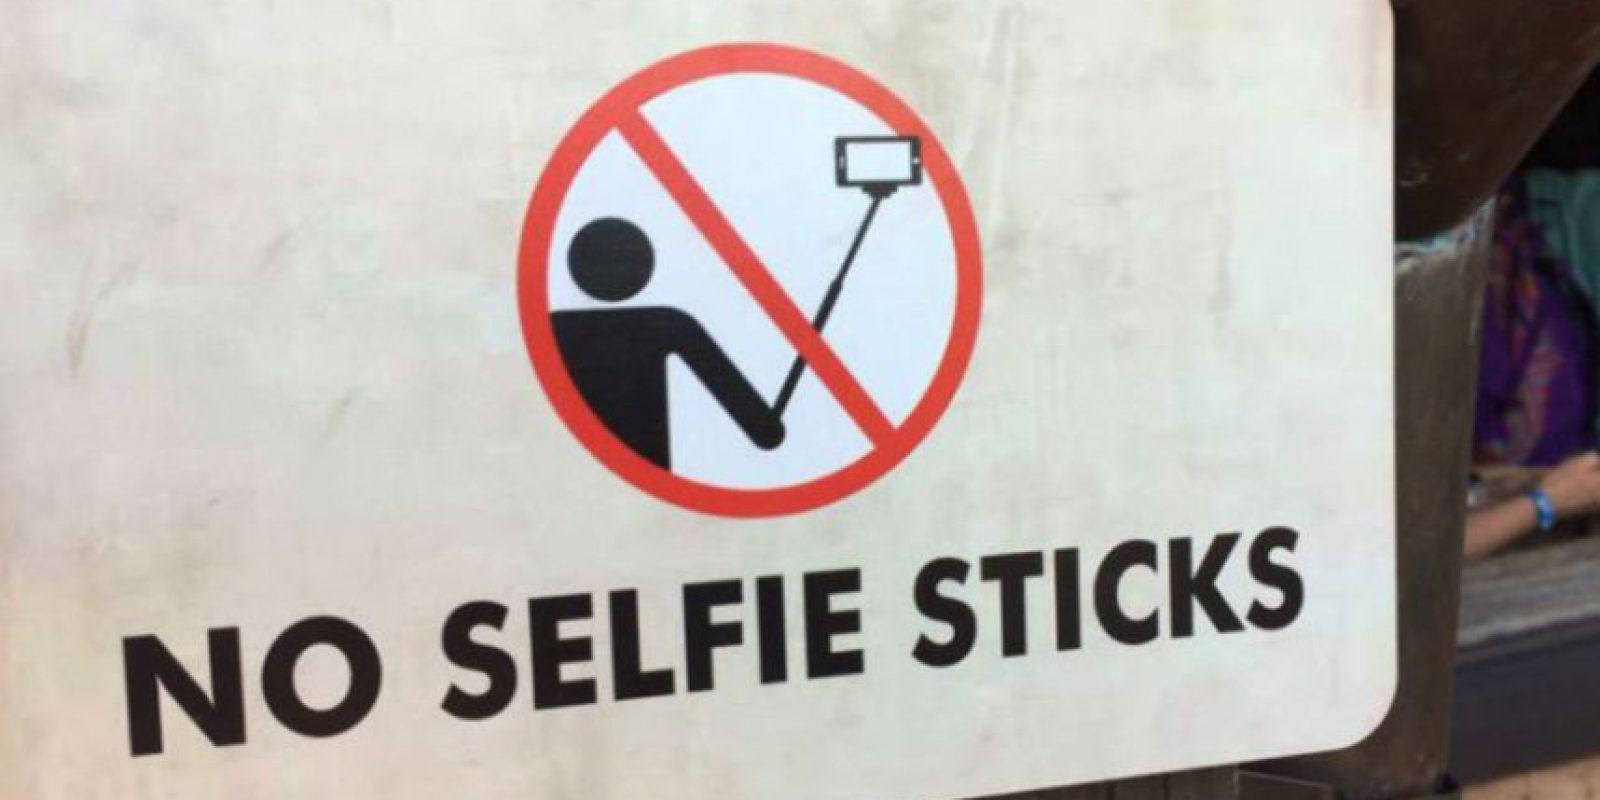 """Disneylandia se une a la prohibición de los """"palos selfies"""" Foto:twitter.com/backfire103/"""